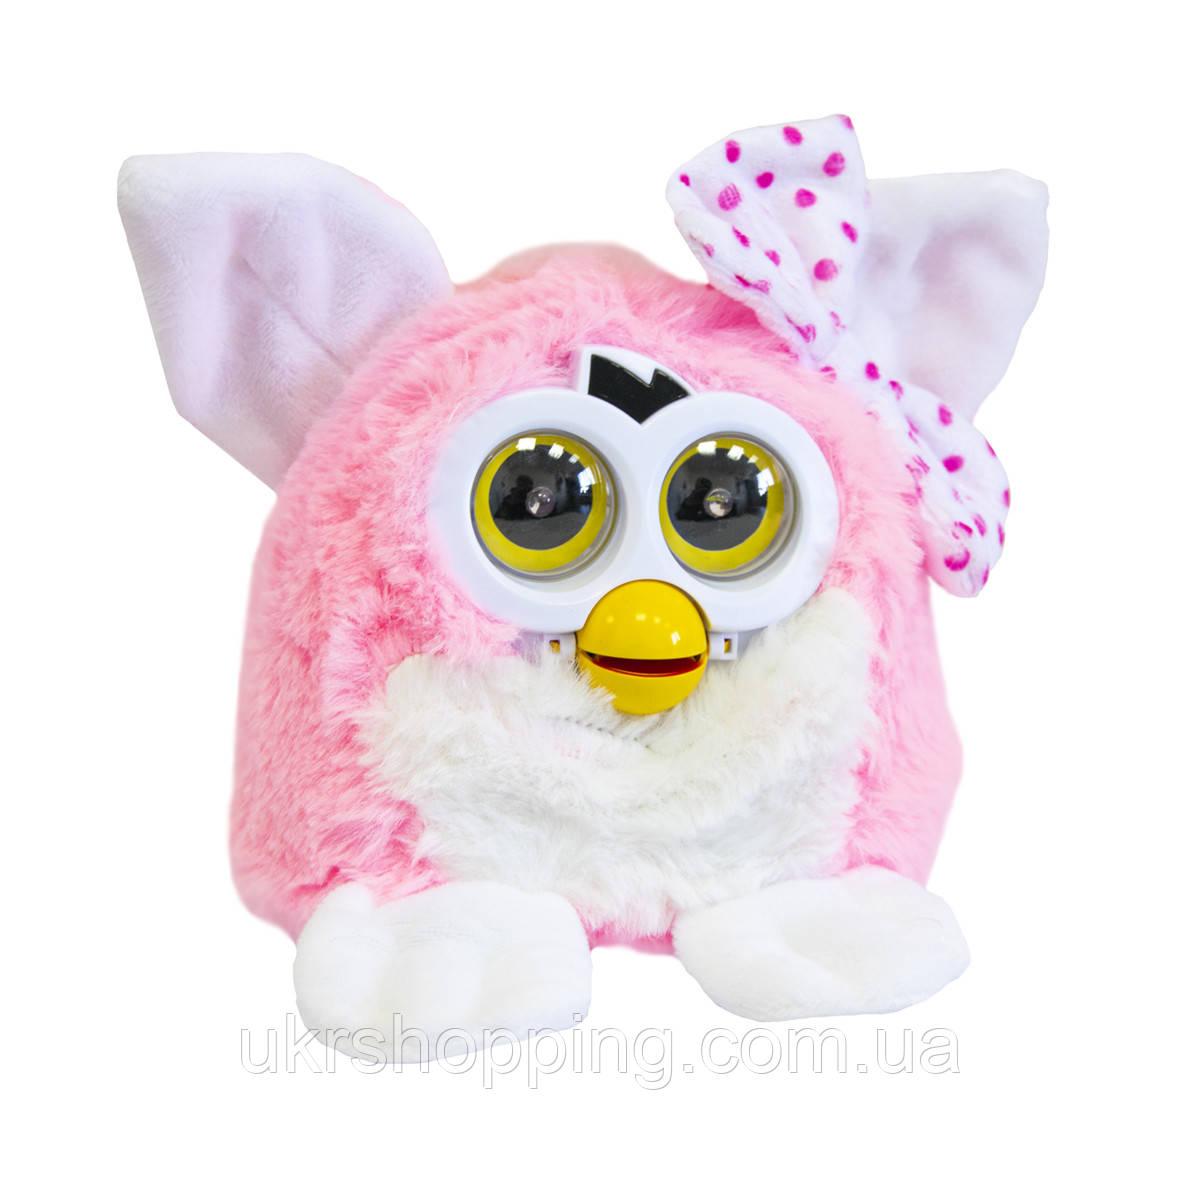 Интерактивная игрушка Ферби по кличке Пикси | Розовая интерактивная сова говорящая Furby (іграшка Піксі) (SH)